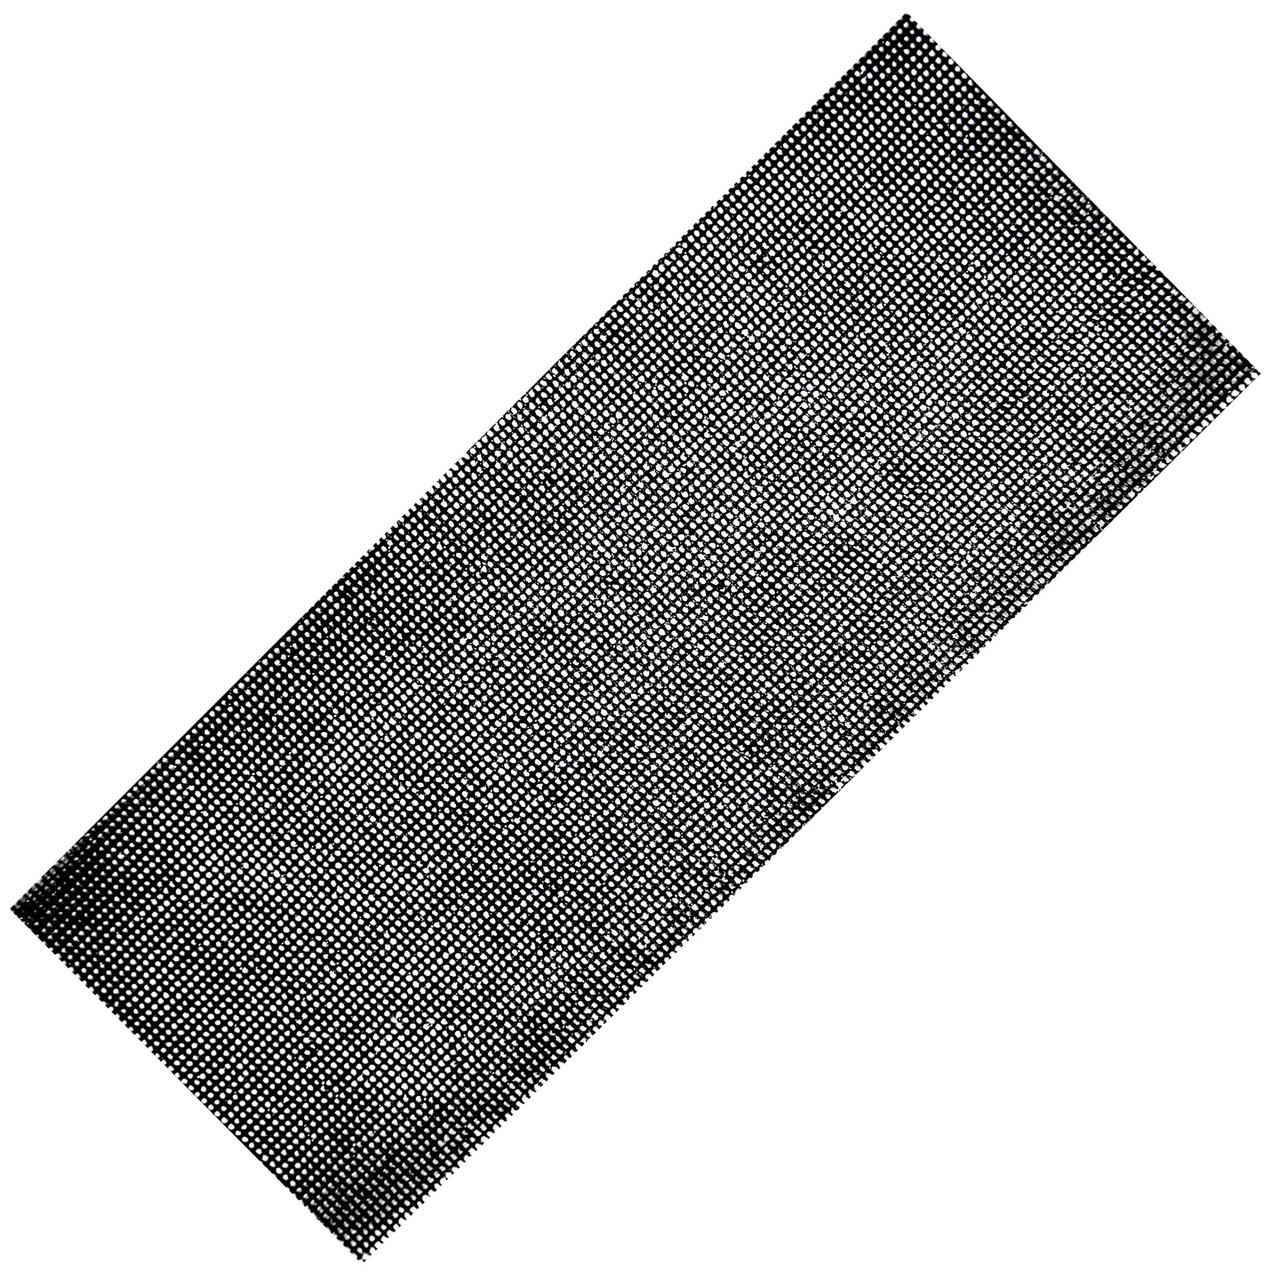 Сетка шлифовальная Spitce 115 х 280 мм Р240 5 листов (18-734)